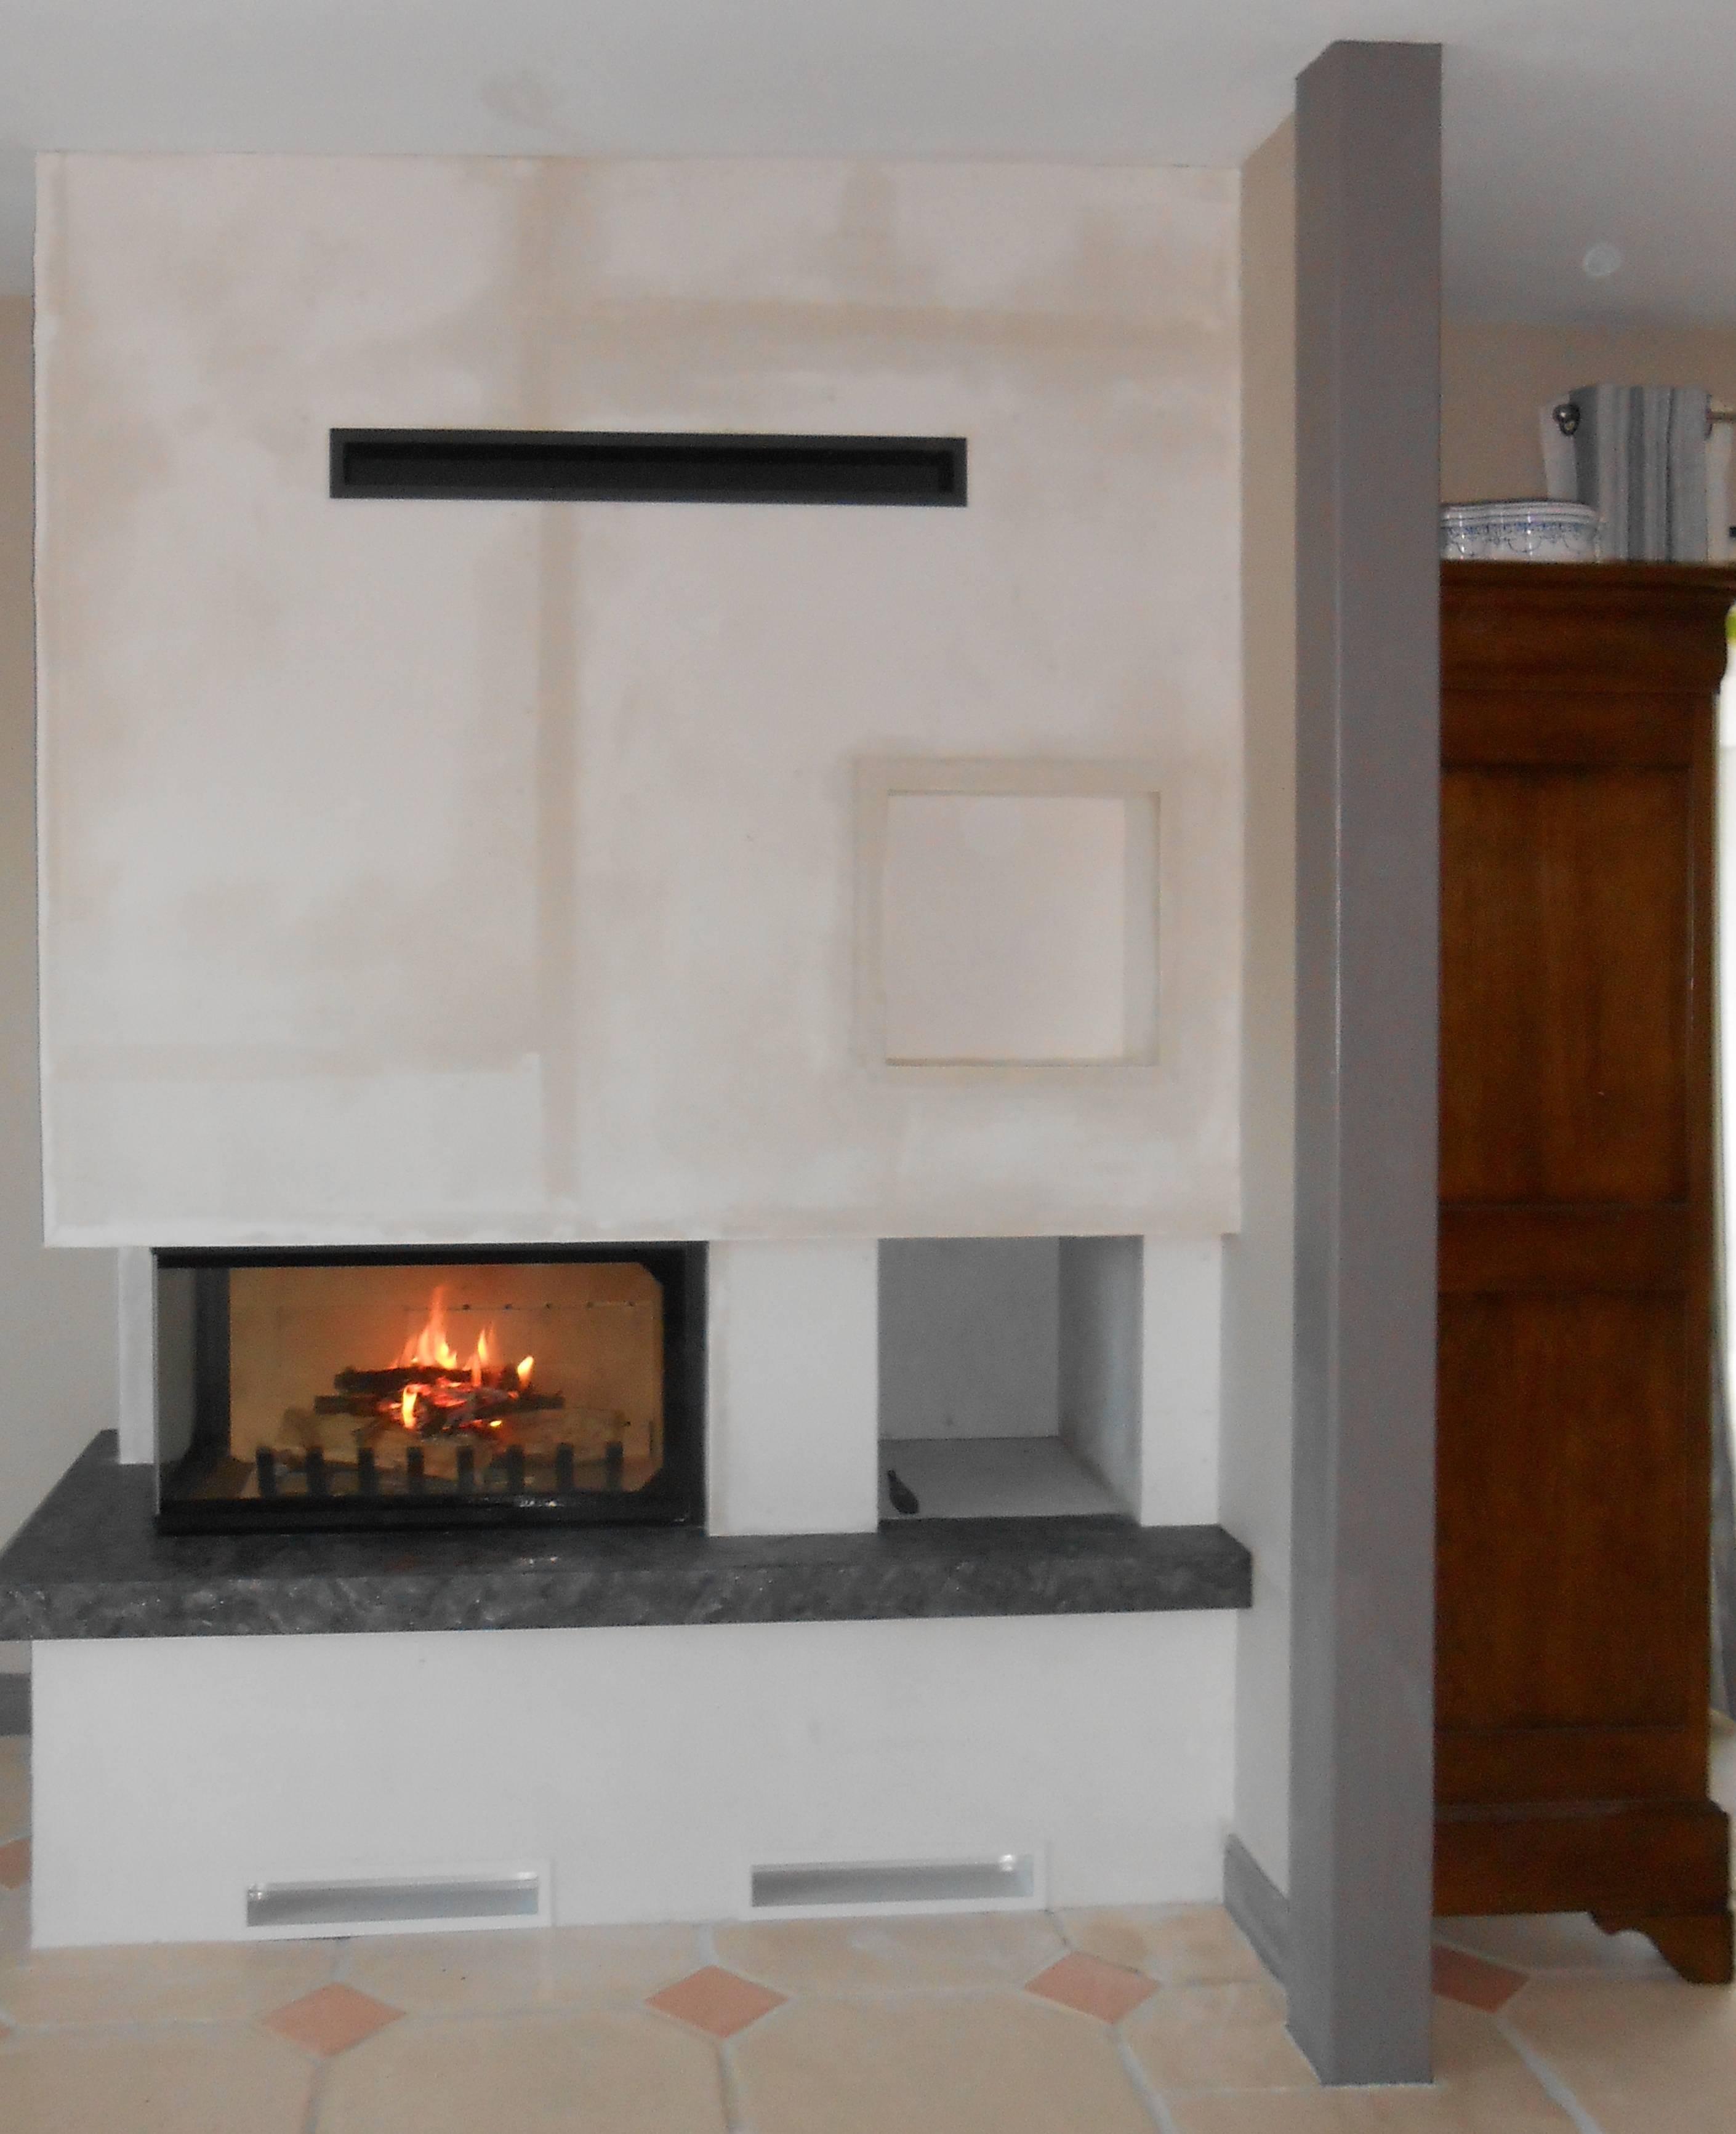 Photo installation, JOTUL Brive Cheminées, cheminée, design, Atraflam 16/9 800 Vitre latérale gauche, insert à bois